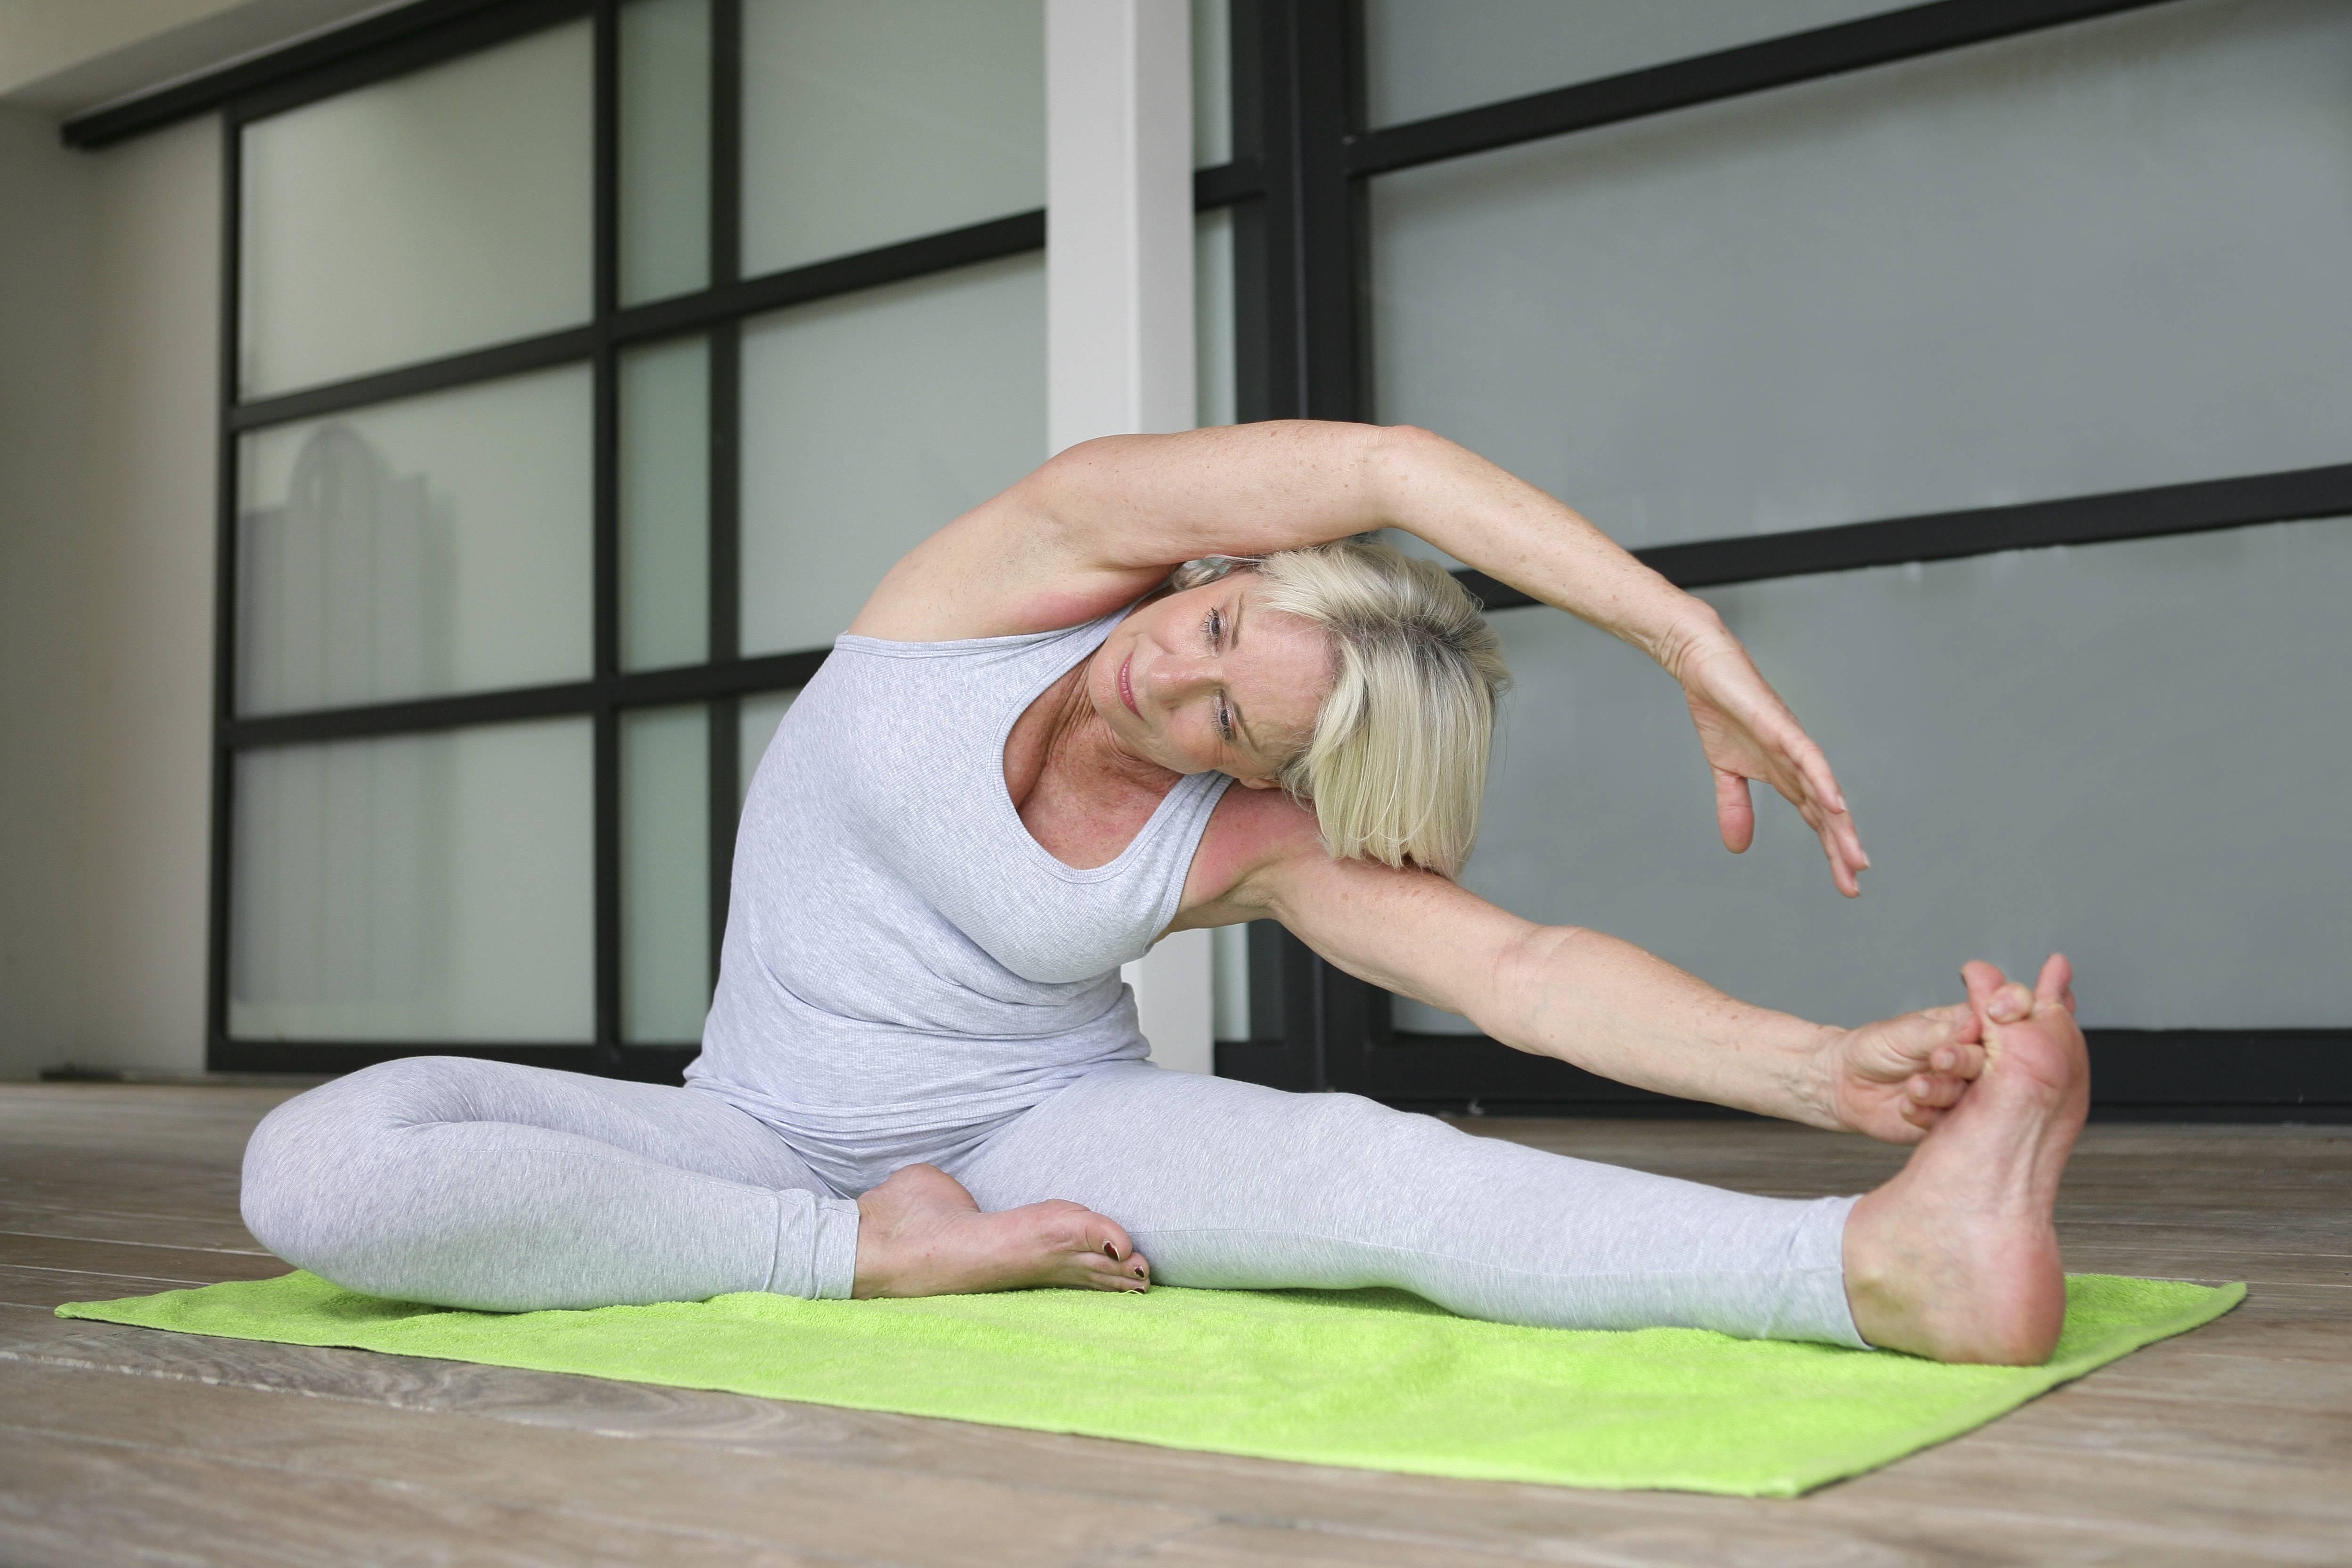 Йога при месячных: можно ли заниматься, какие асаны разрешены и запрещены во время критических дней